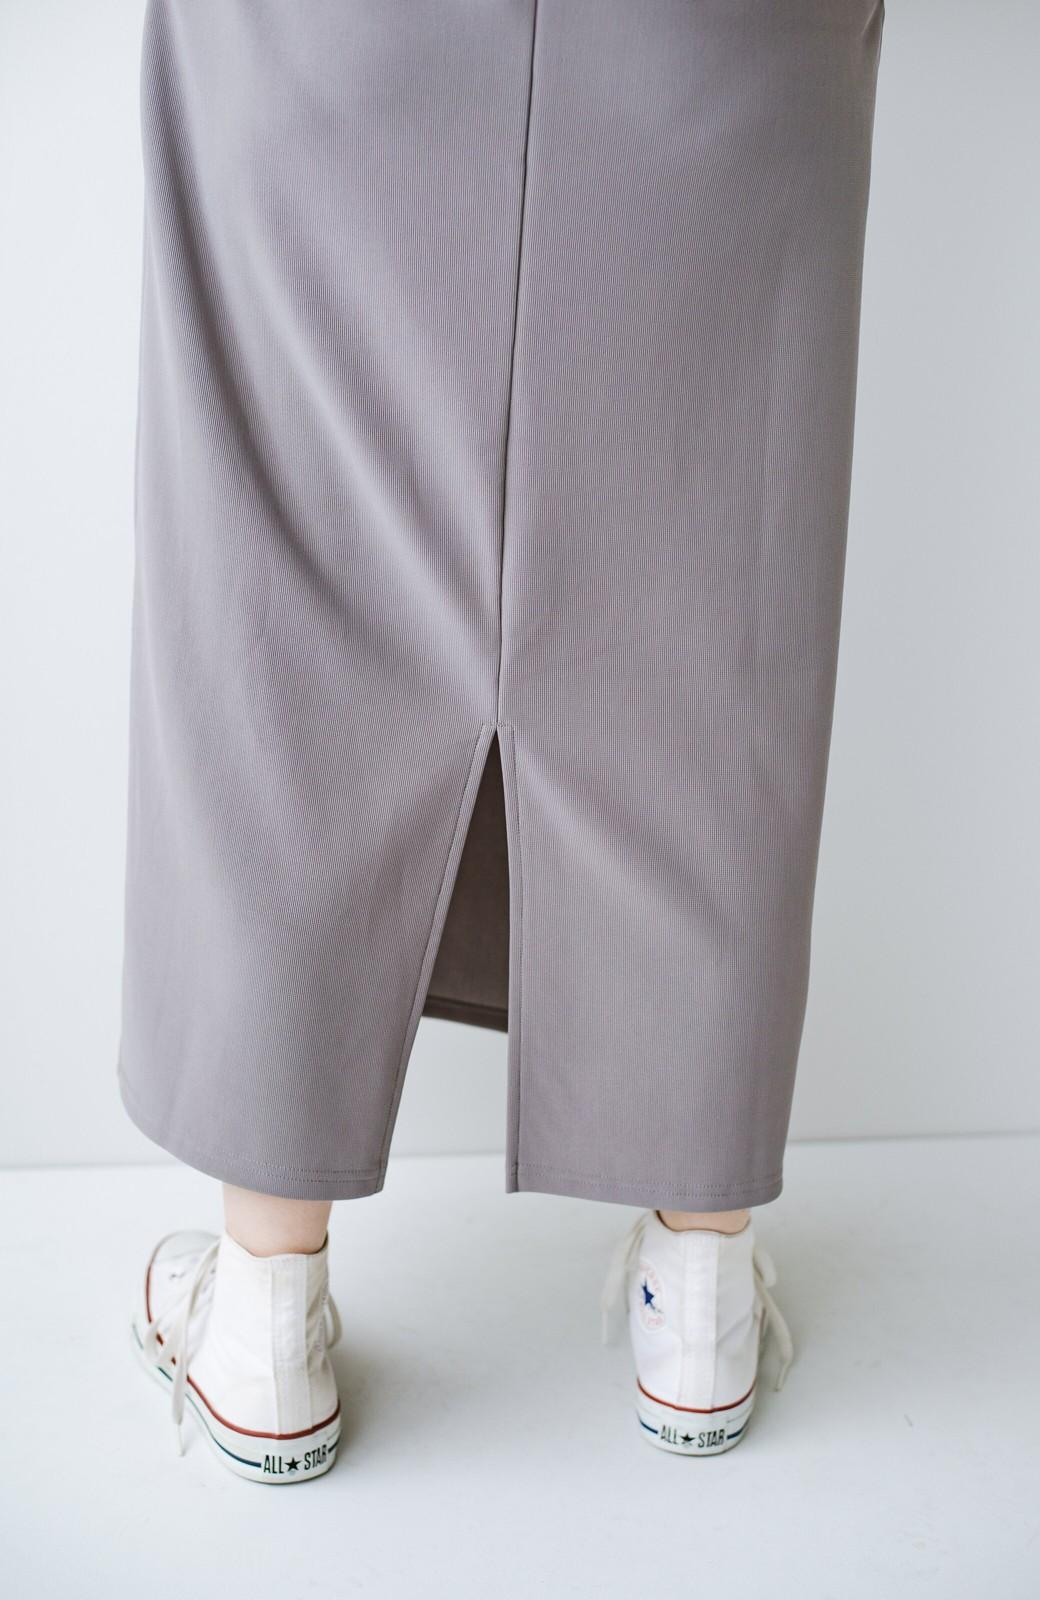 haco! 暑いねと寒いねを言い合える 続く日々がしあわせ どんな日にも寄り添うジャンパースカート by you made me <ライトグレー>の商品写真9